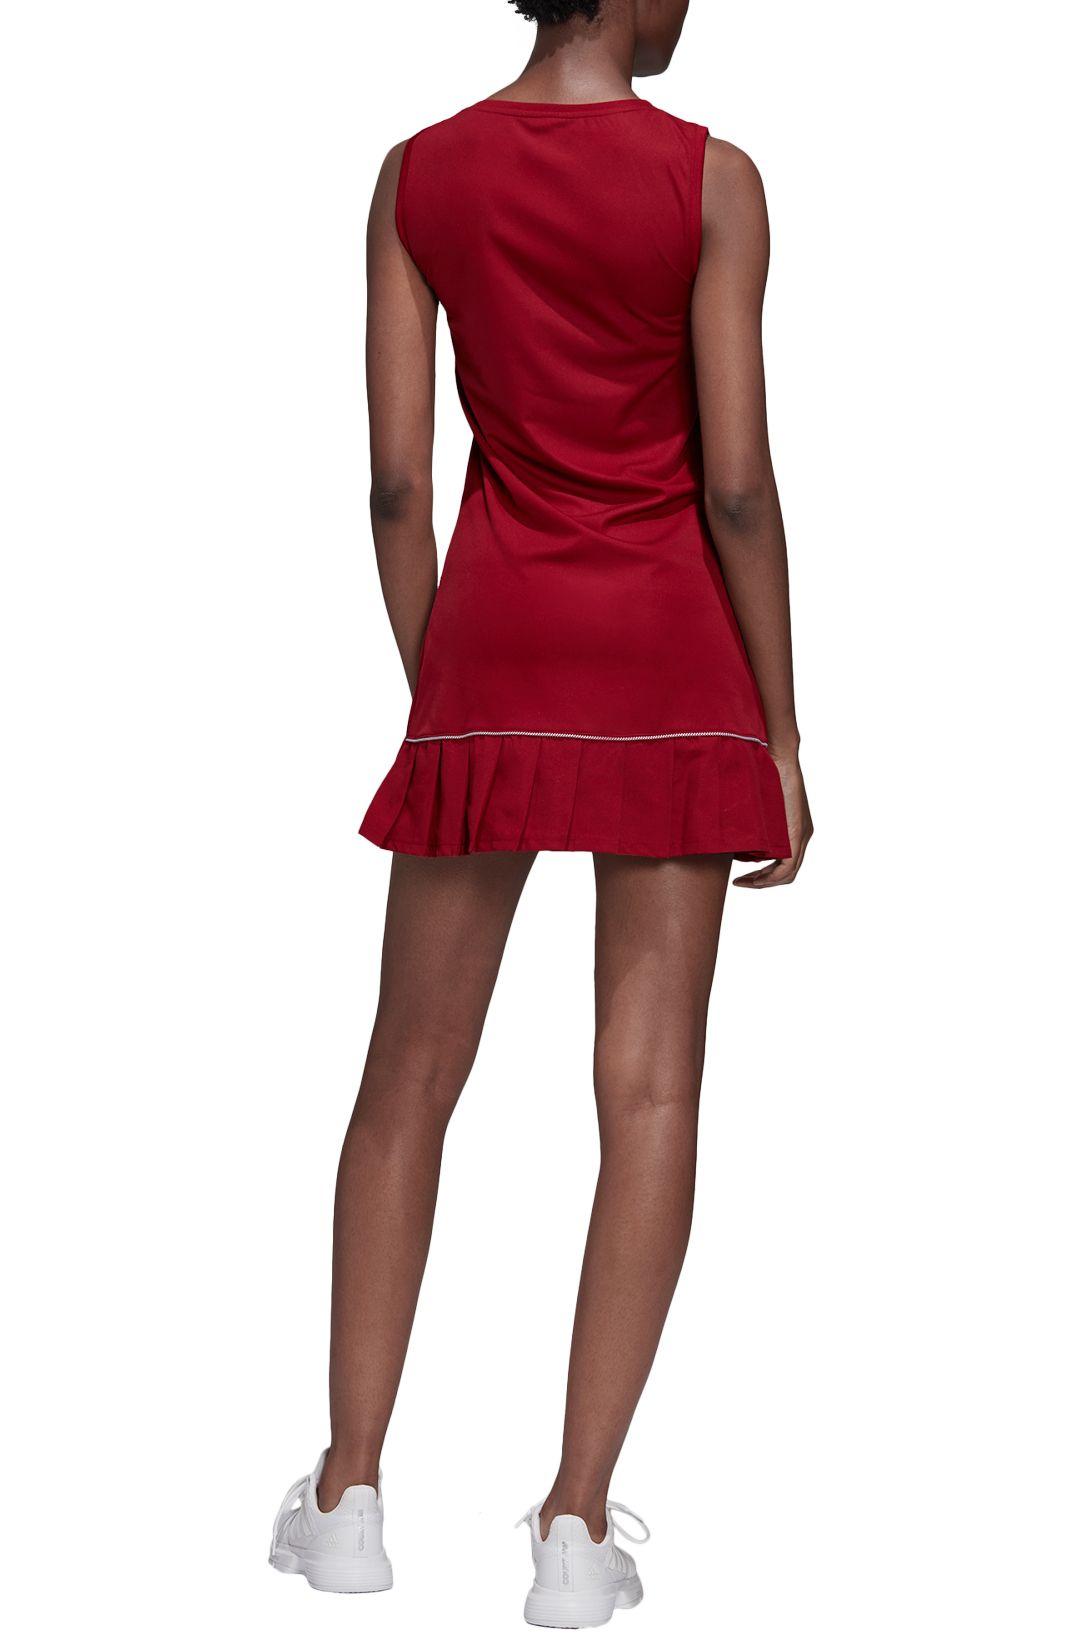 80d4a46141ec adidas Women's Club Tennis Dress